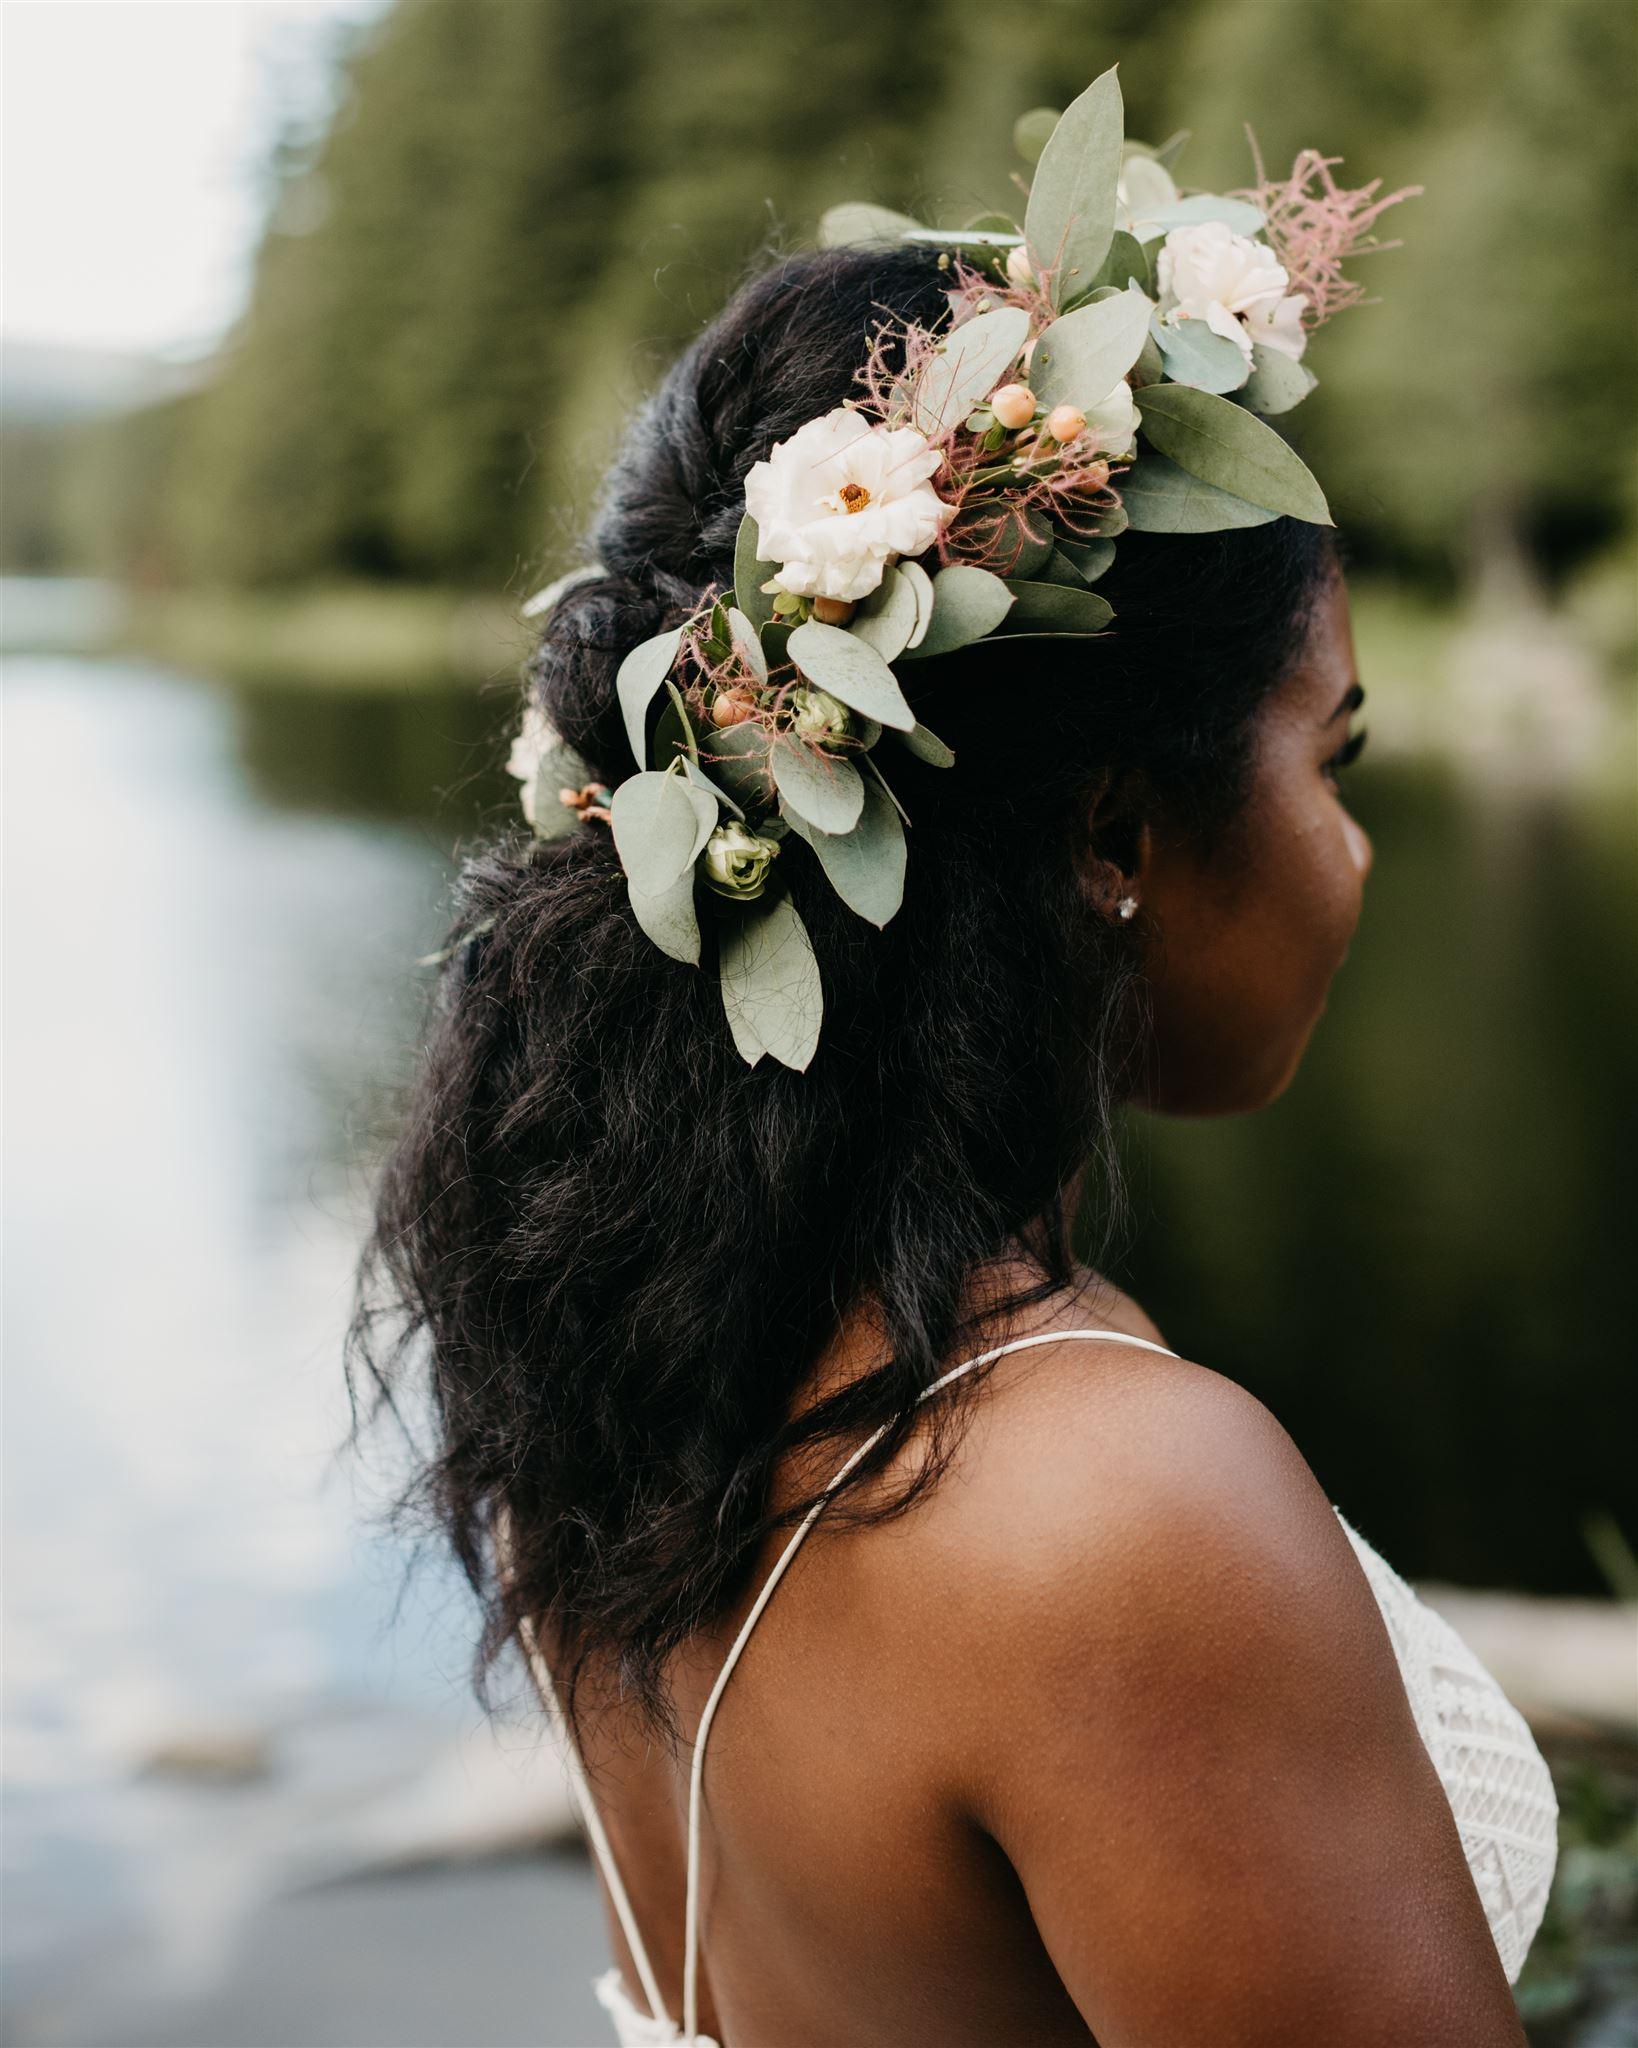 flower crown, floral crown, wedding flower crown, wedding floral crown, bridal flower crown, bridal floral croown,